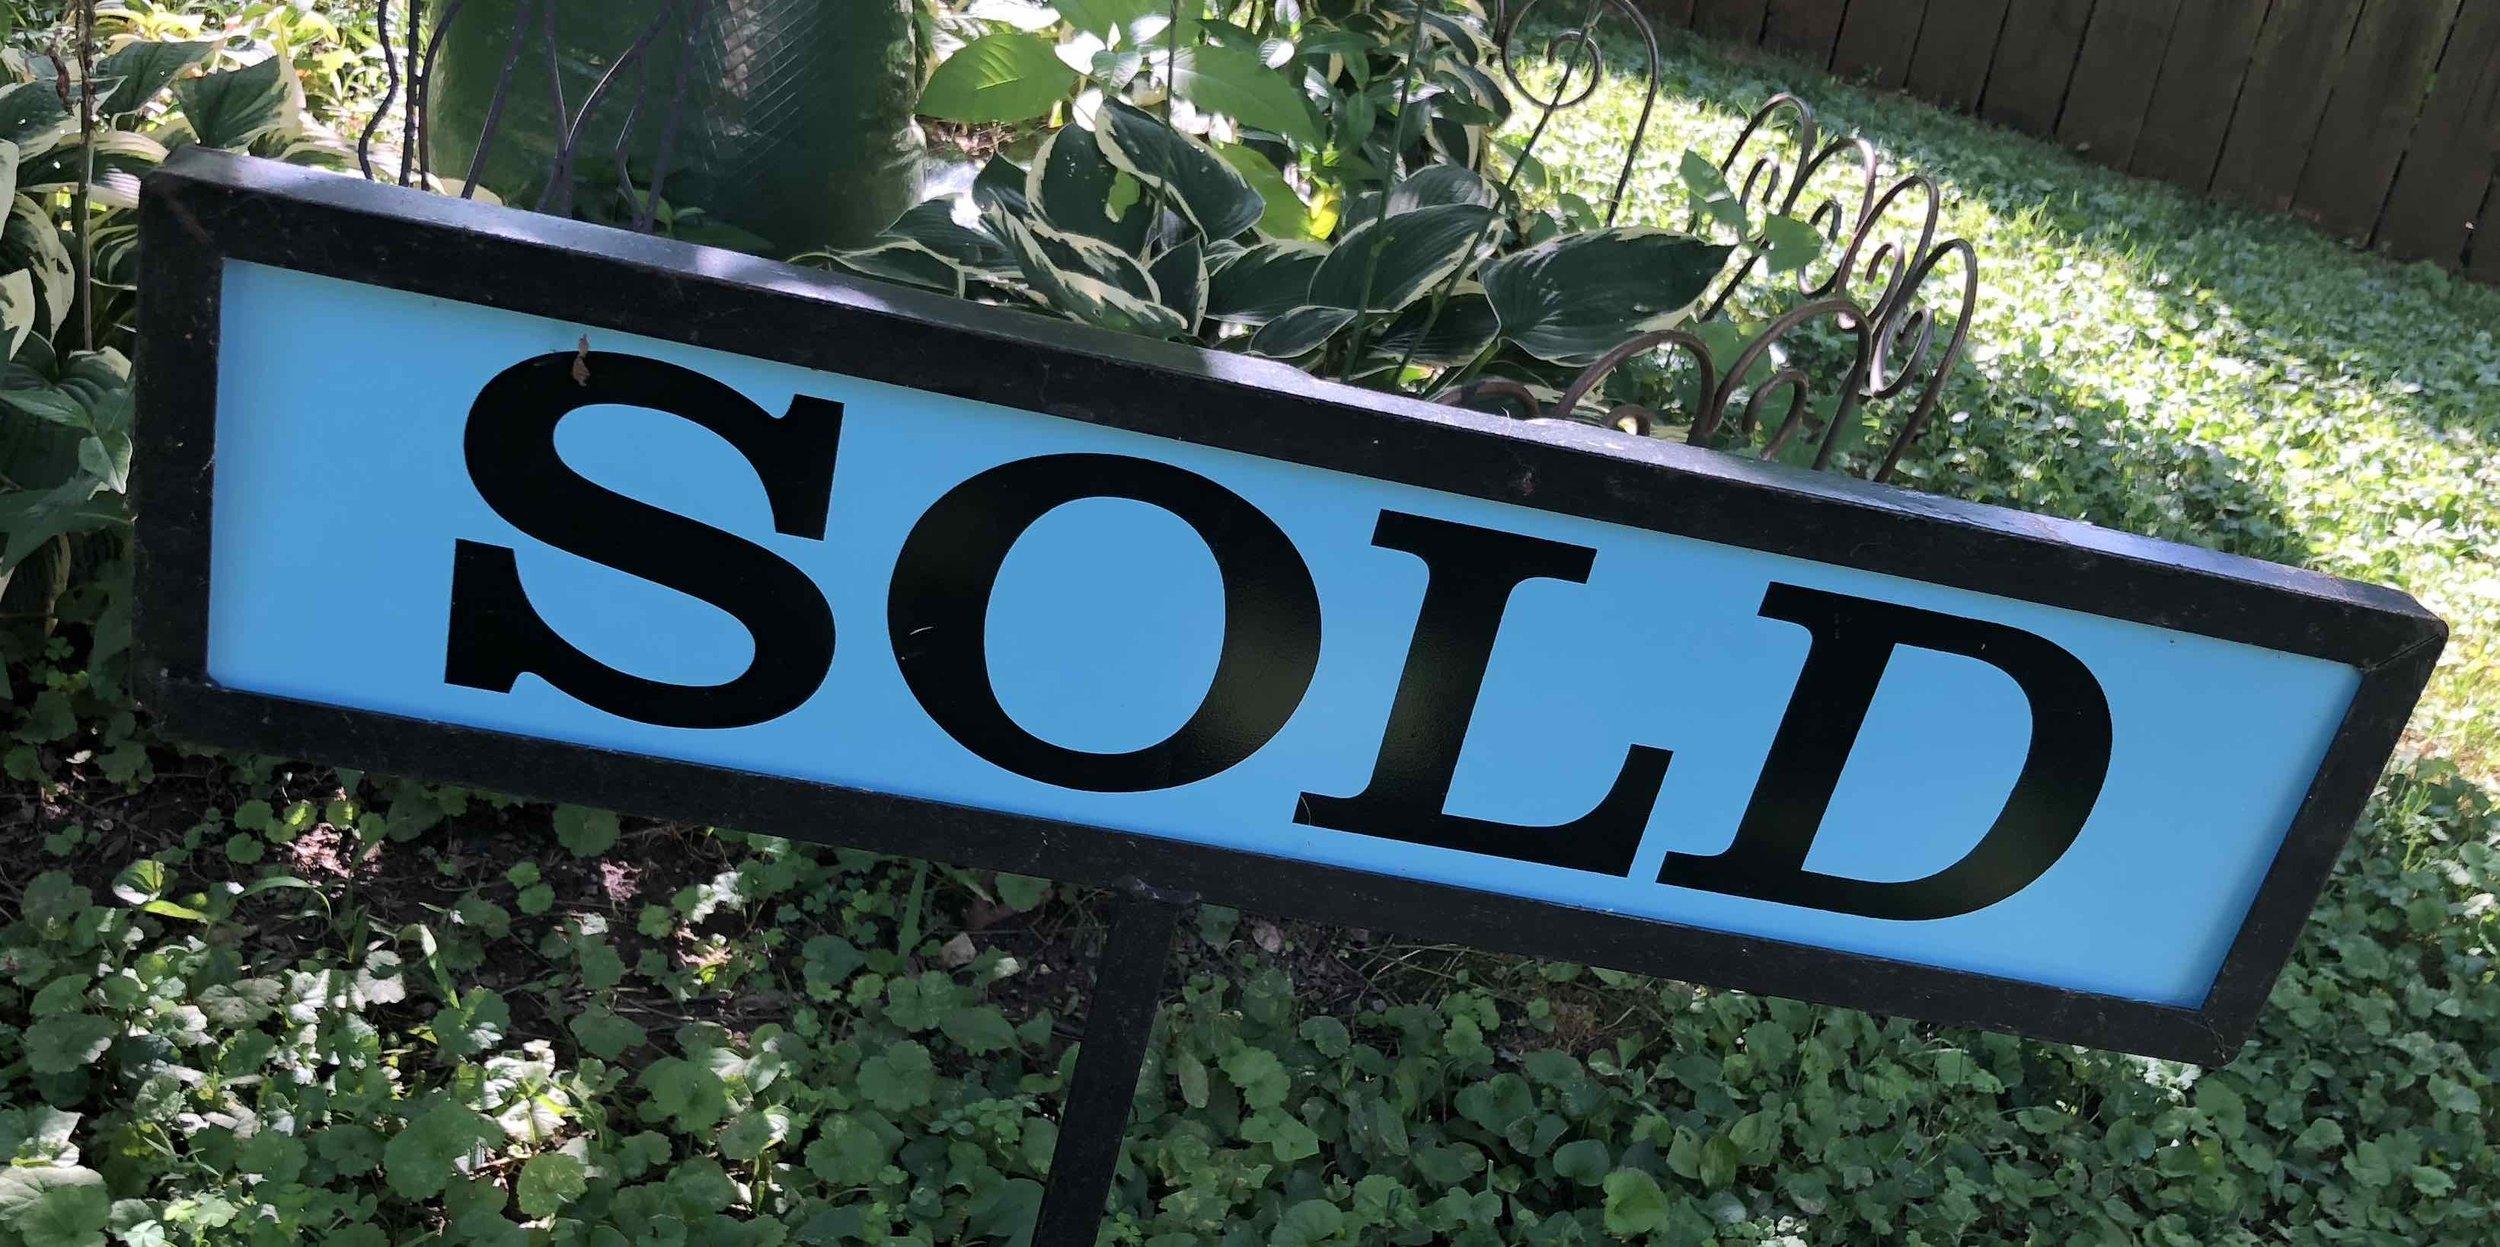 2-Sold.jpg